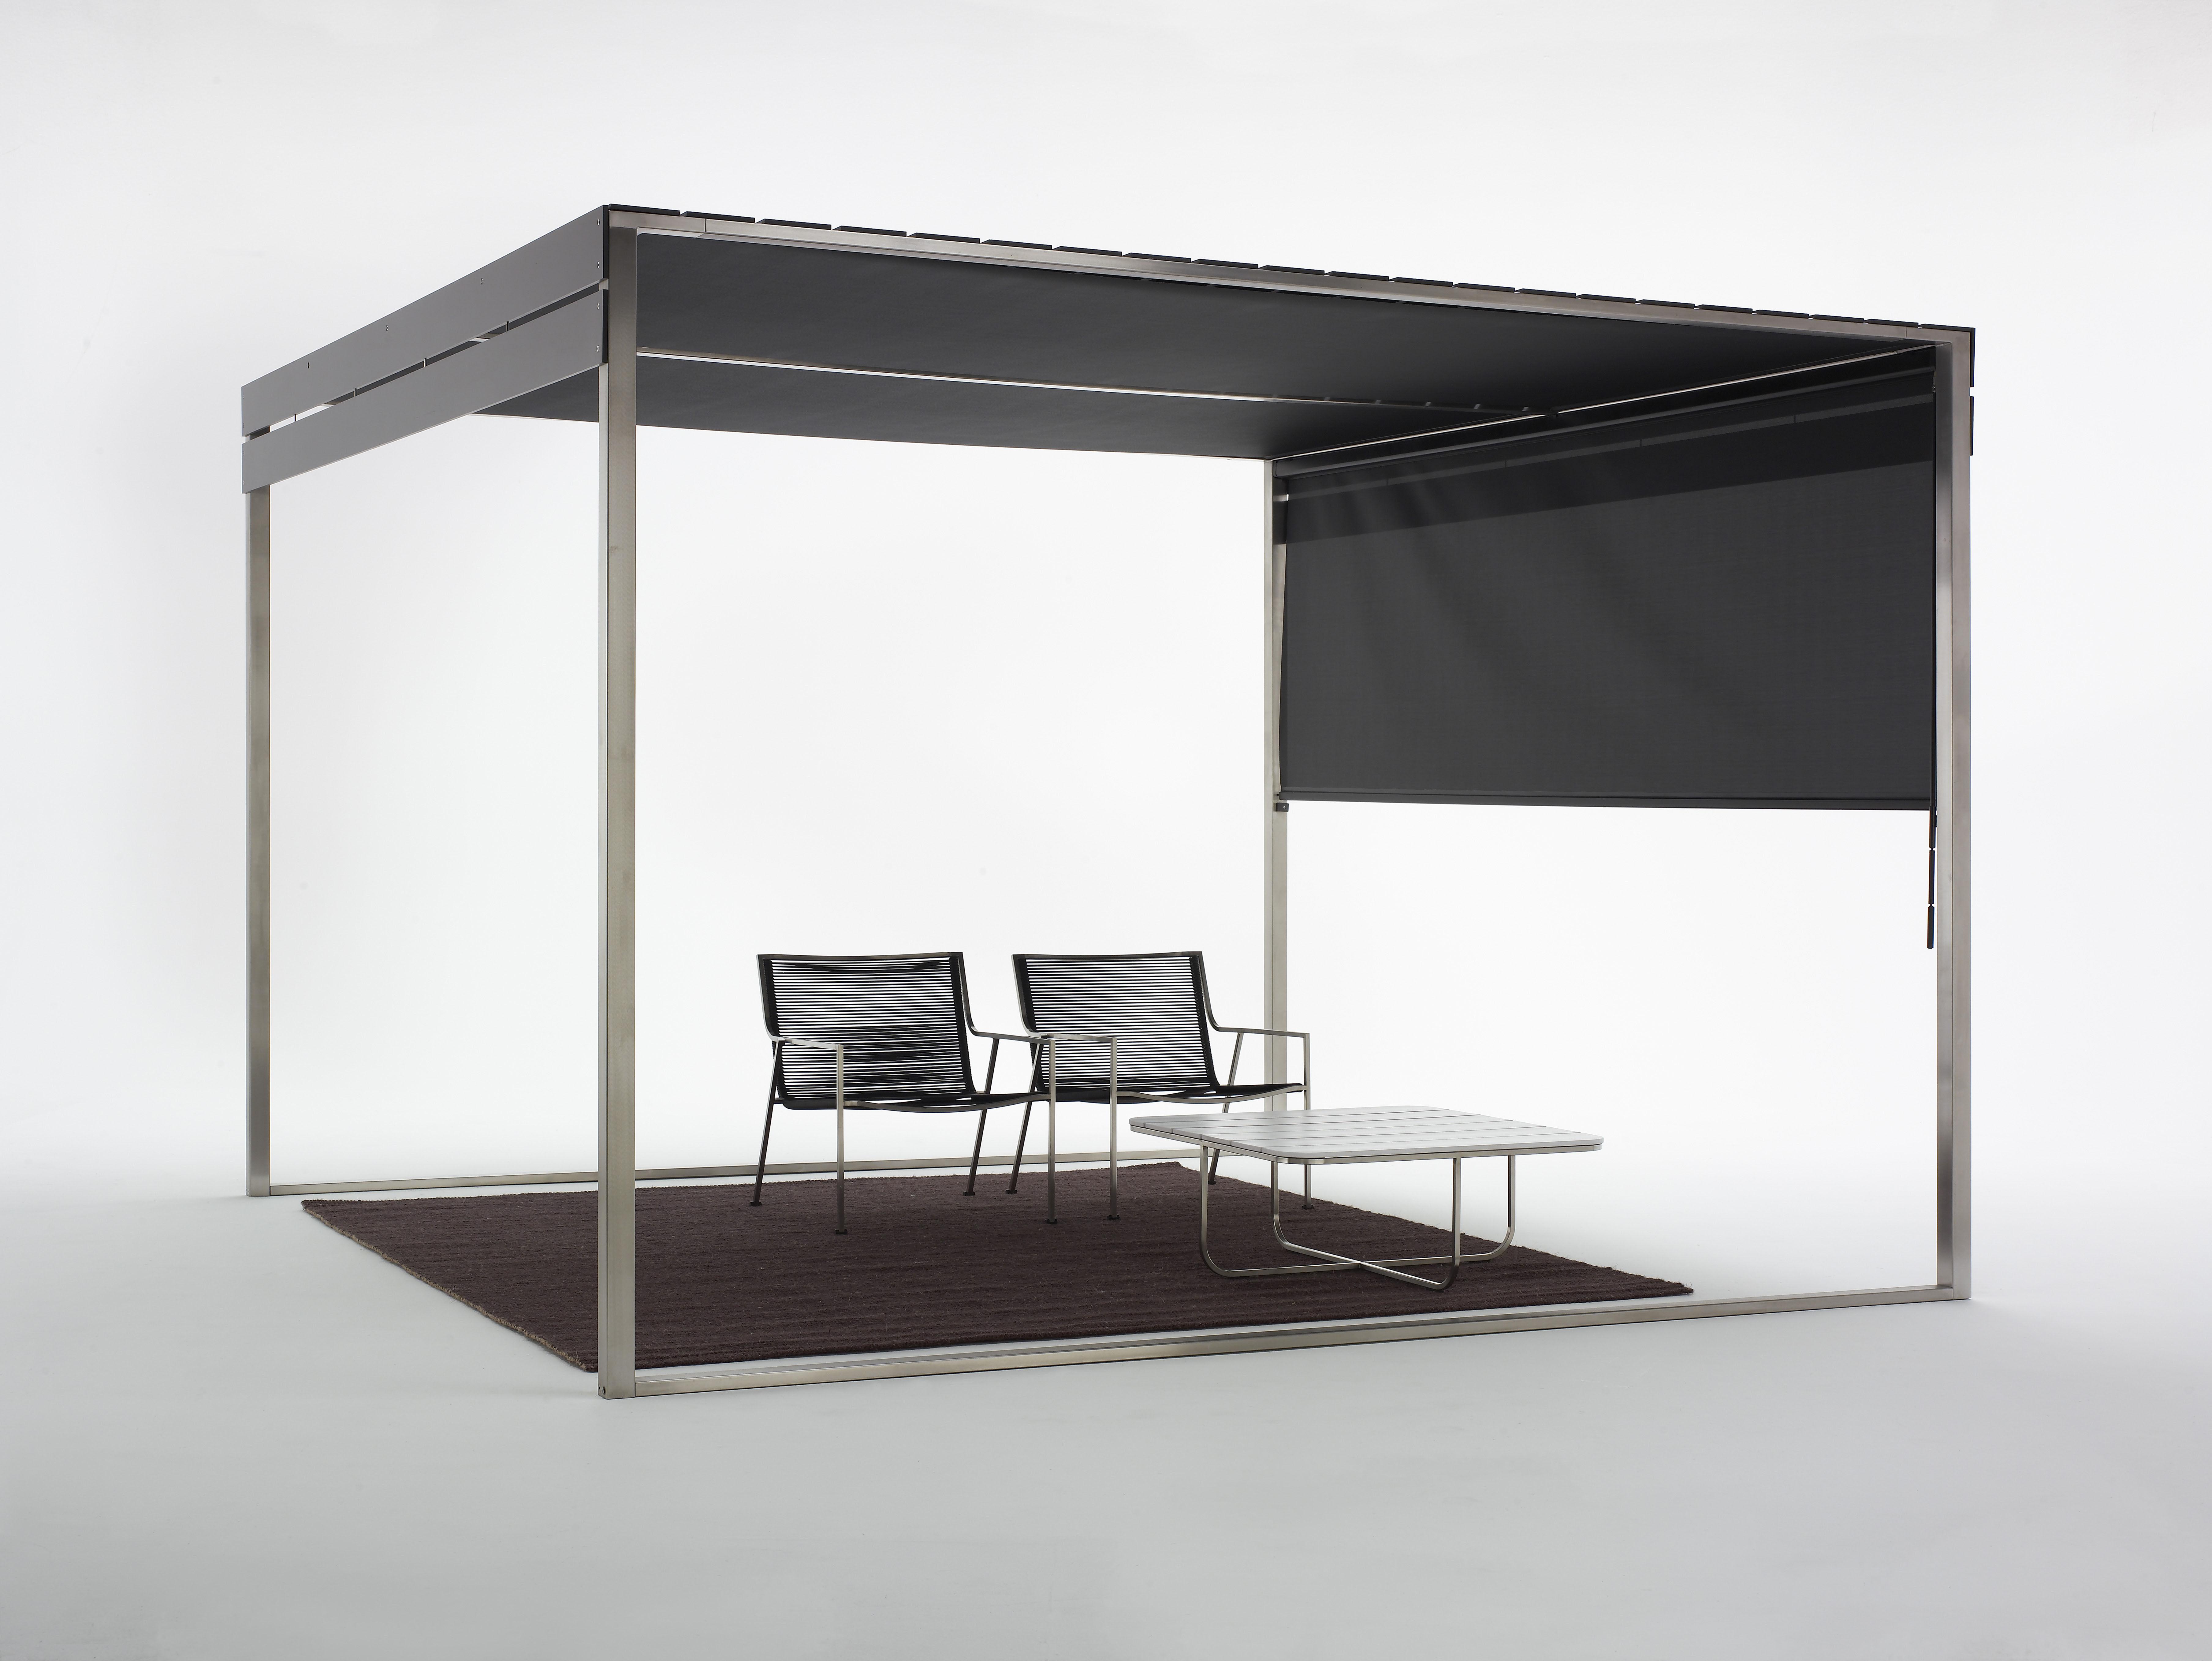 rideau pour pergola rideau noir coro. Black Bedroom Furniture Sets. Home Design Ideas